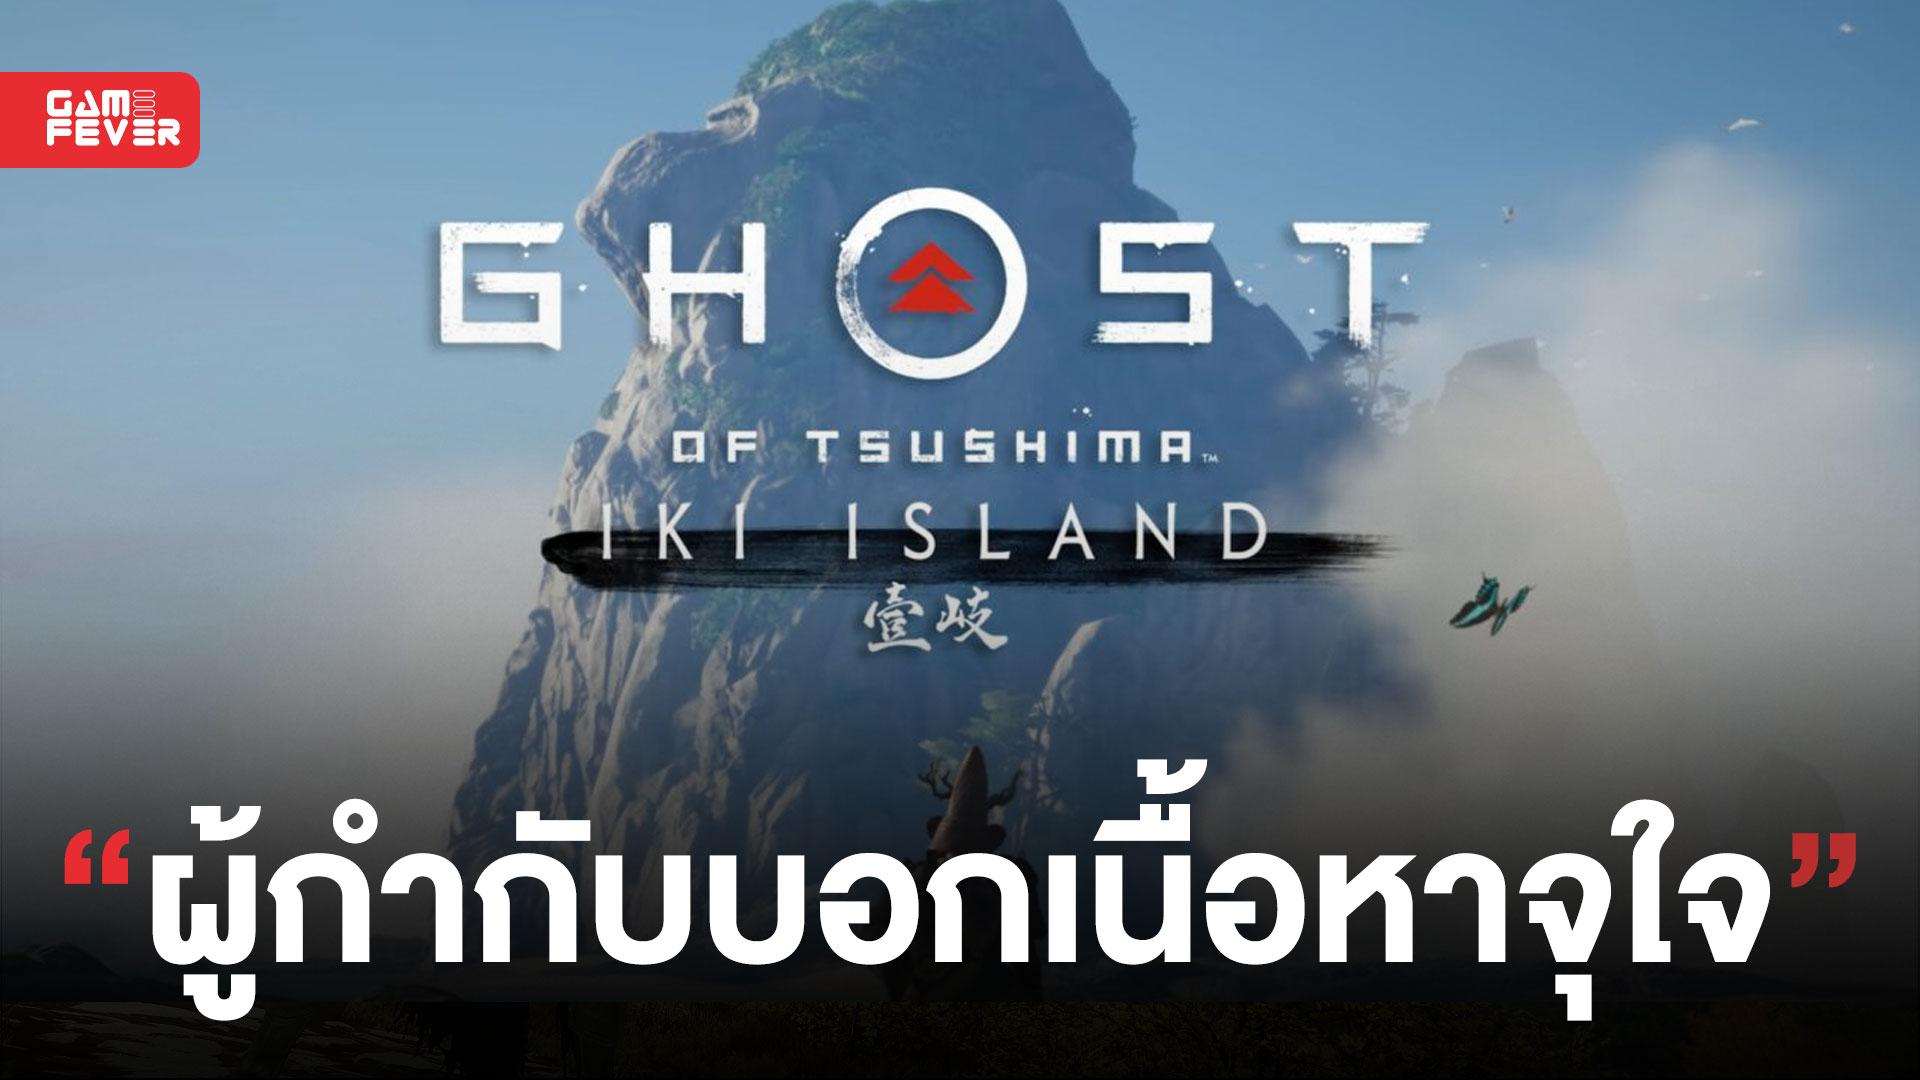 Ghost of Tsushima เผยความยาวบนเกาะ Iki จะพอๆ กับบทที่หนึ่งของเกม